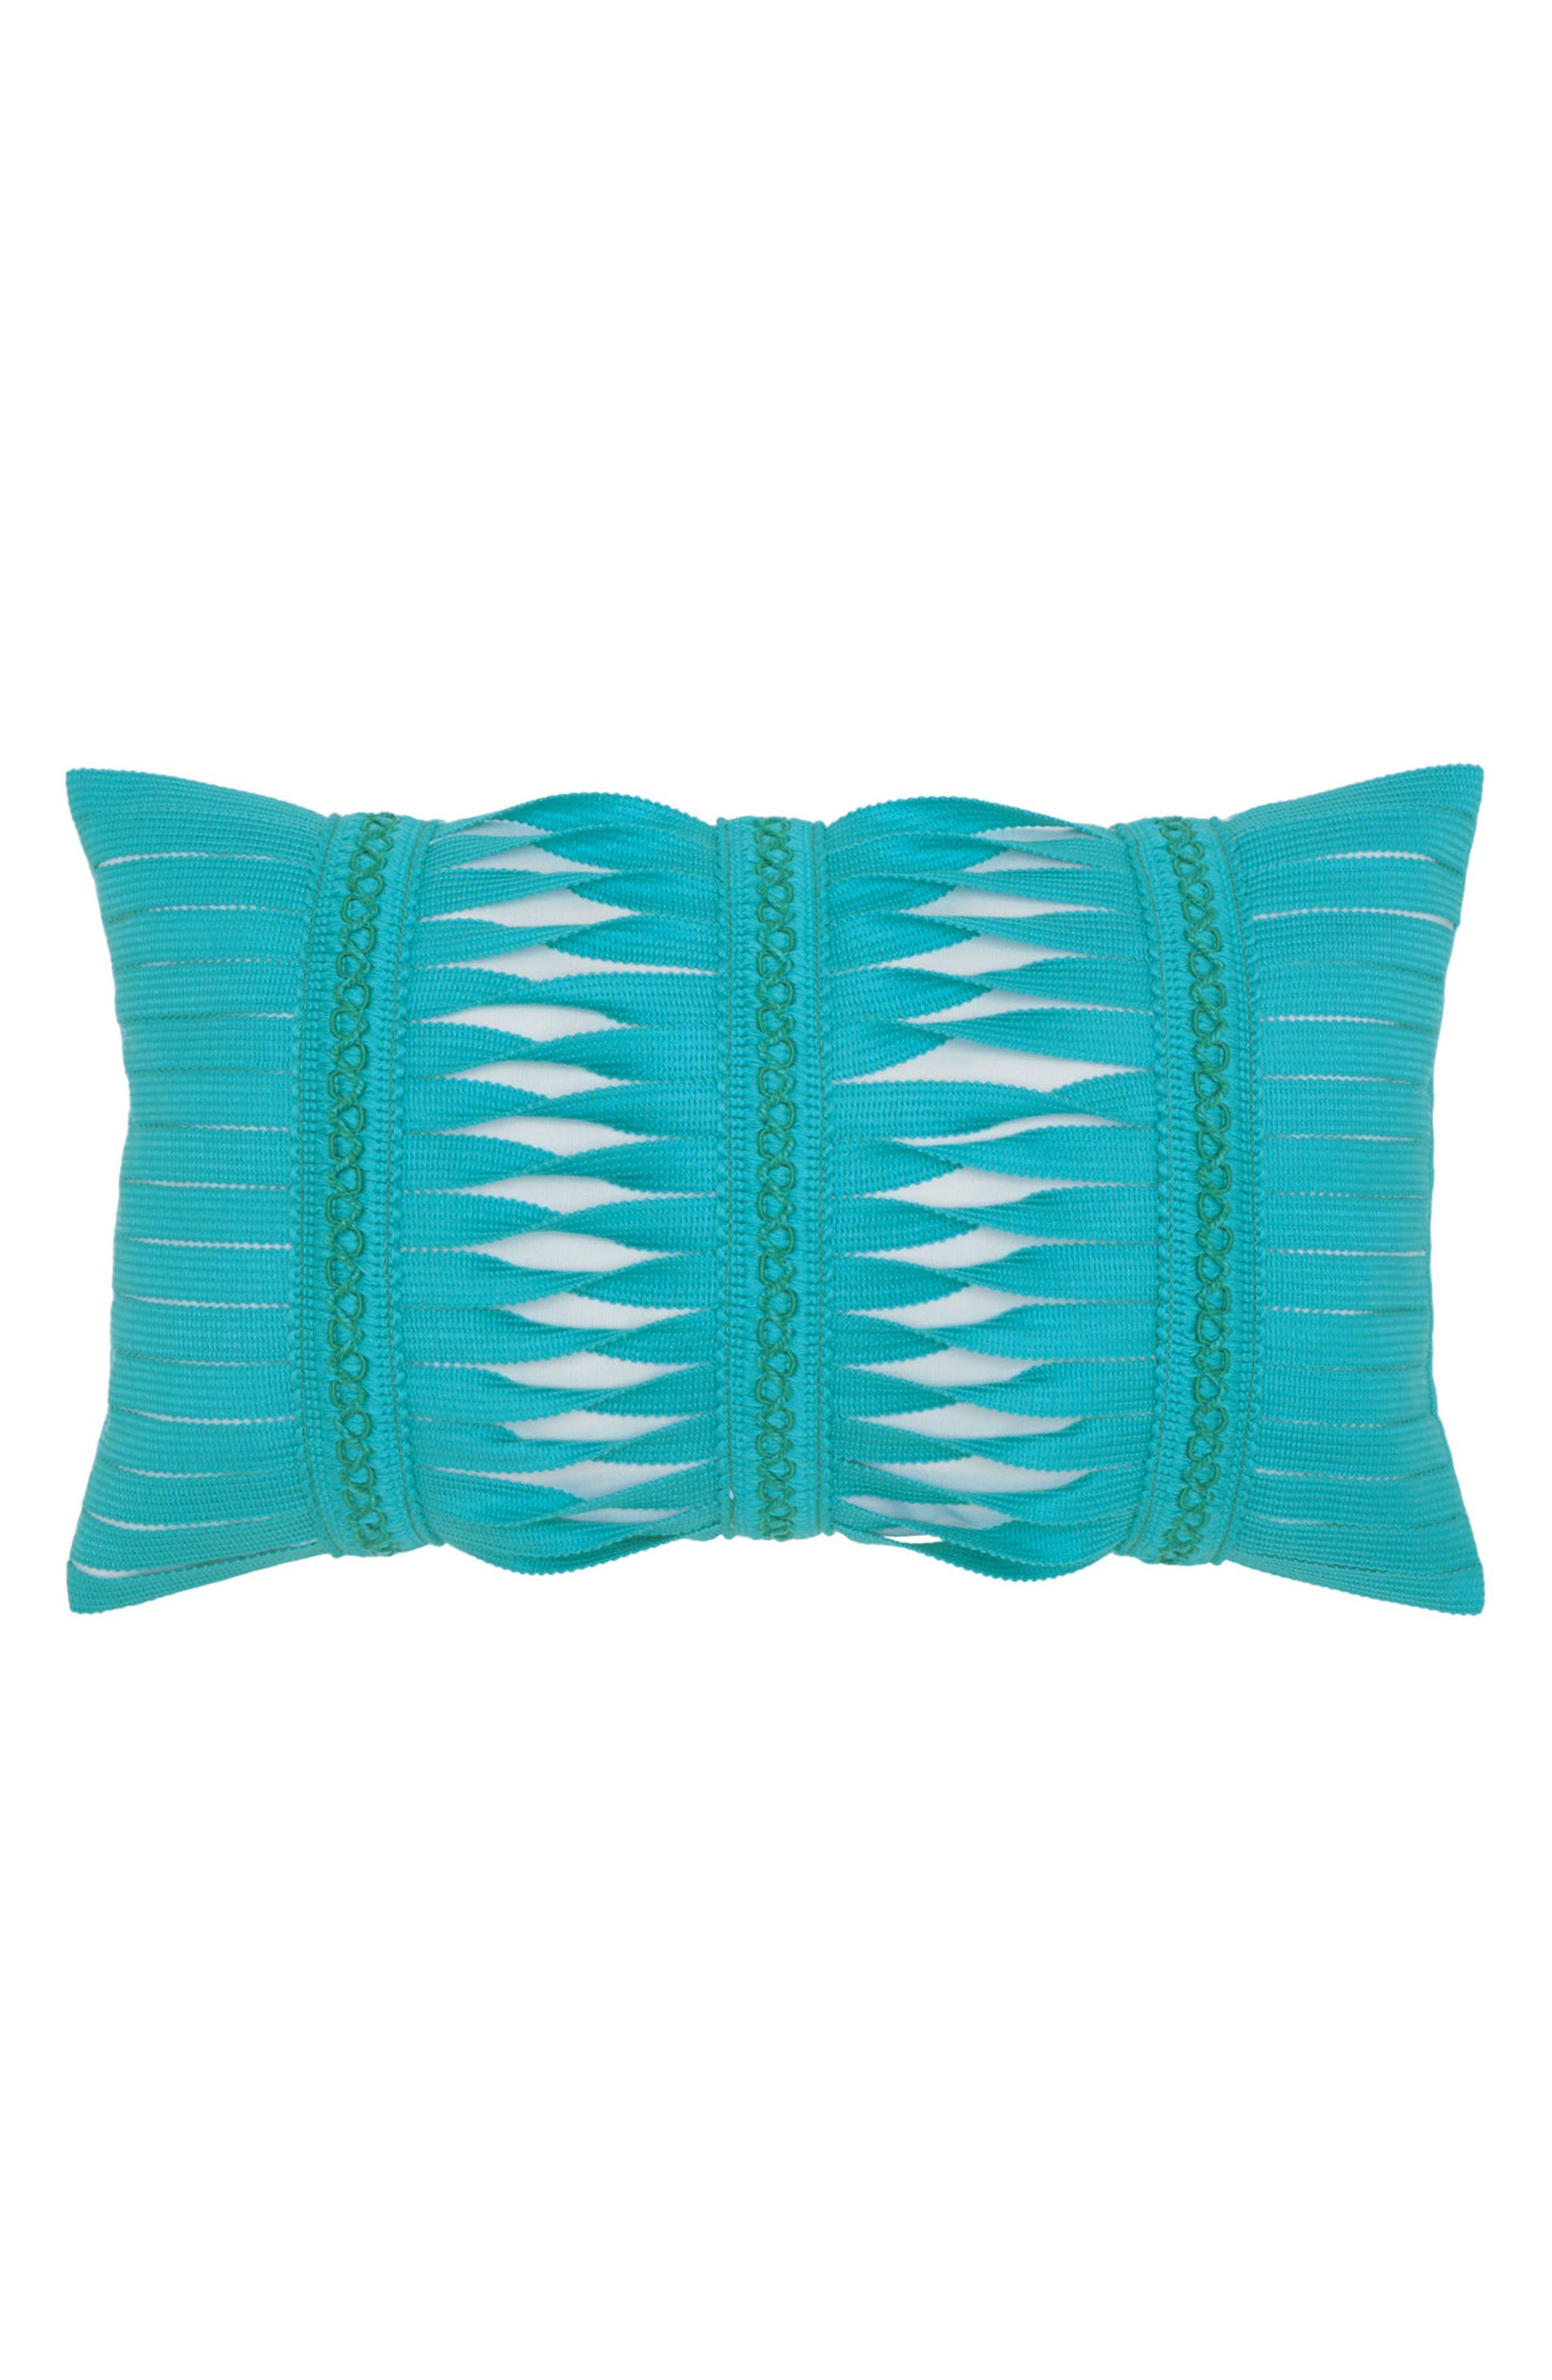 Gladiator Aruba Lumbar Pillow,                             Main thumbnail 1, color,                             Blue